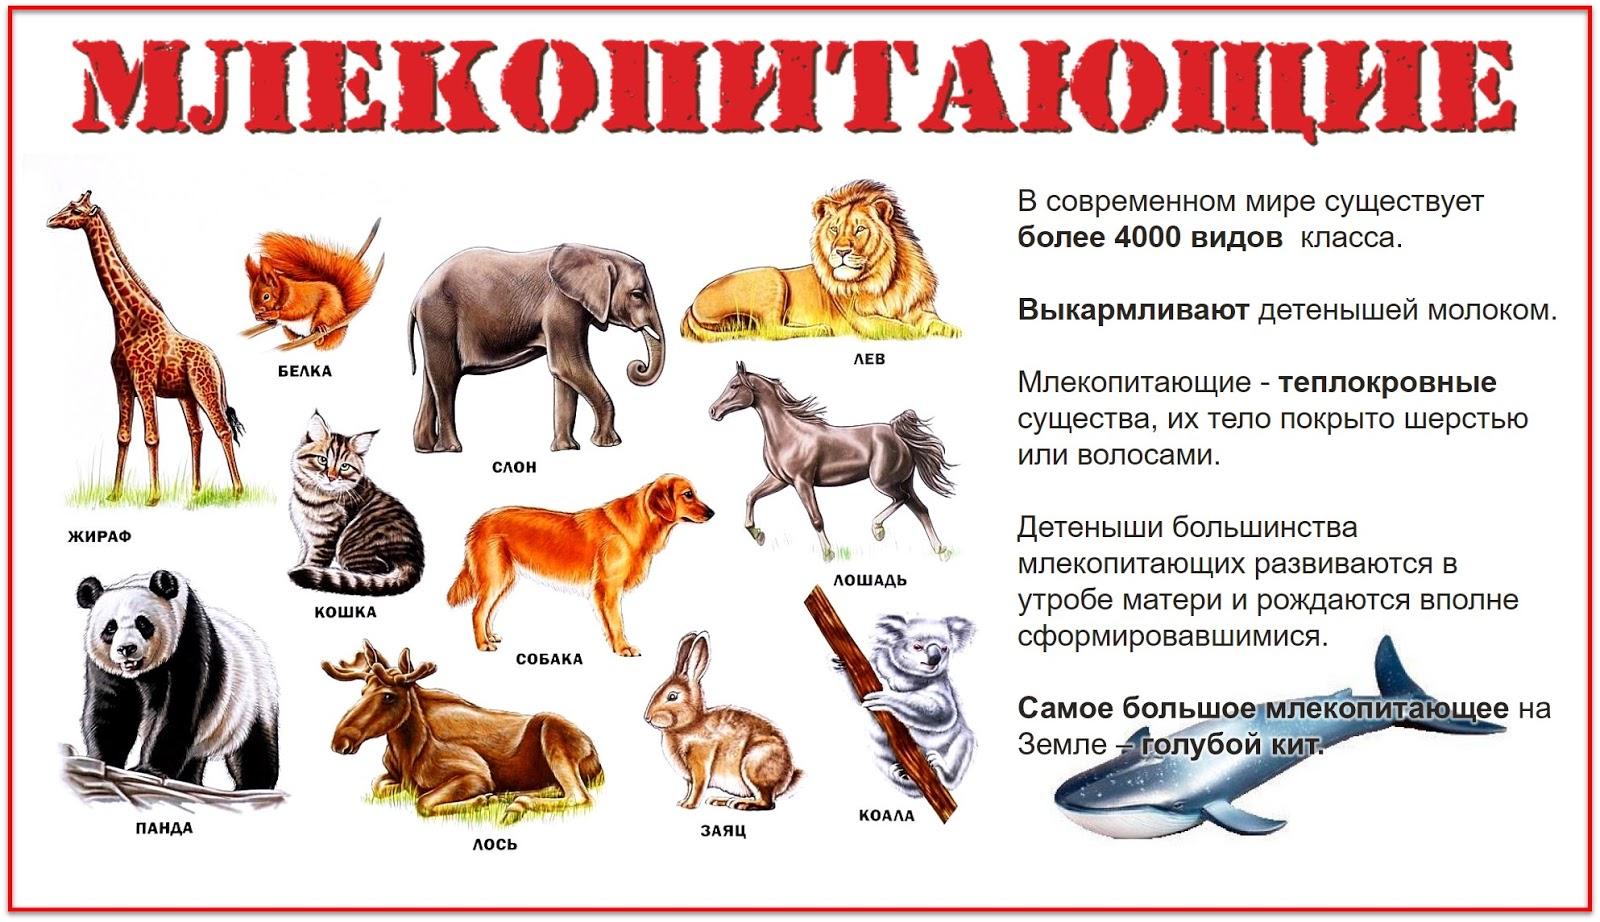 название групп животных с картинками для путешествующих бизнесменов